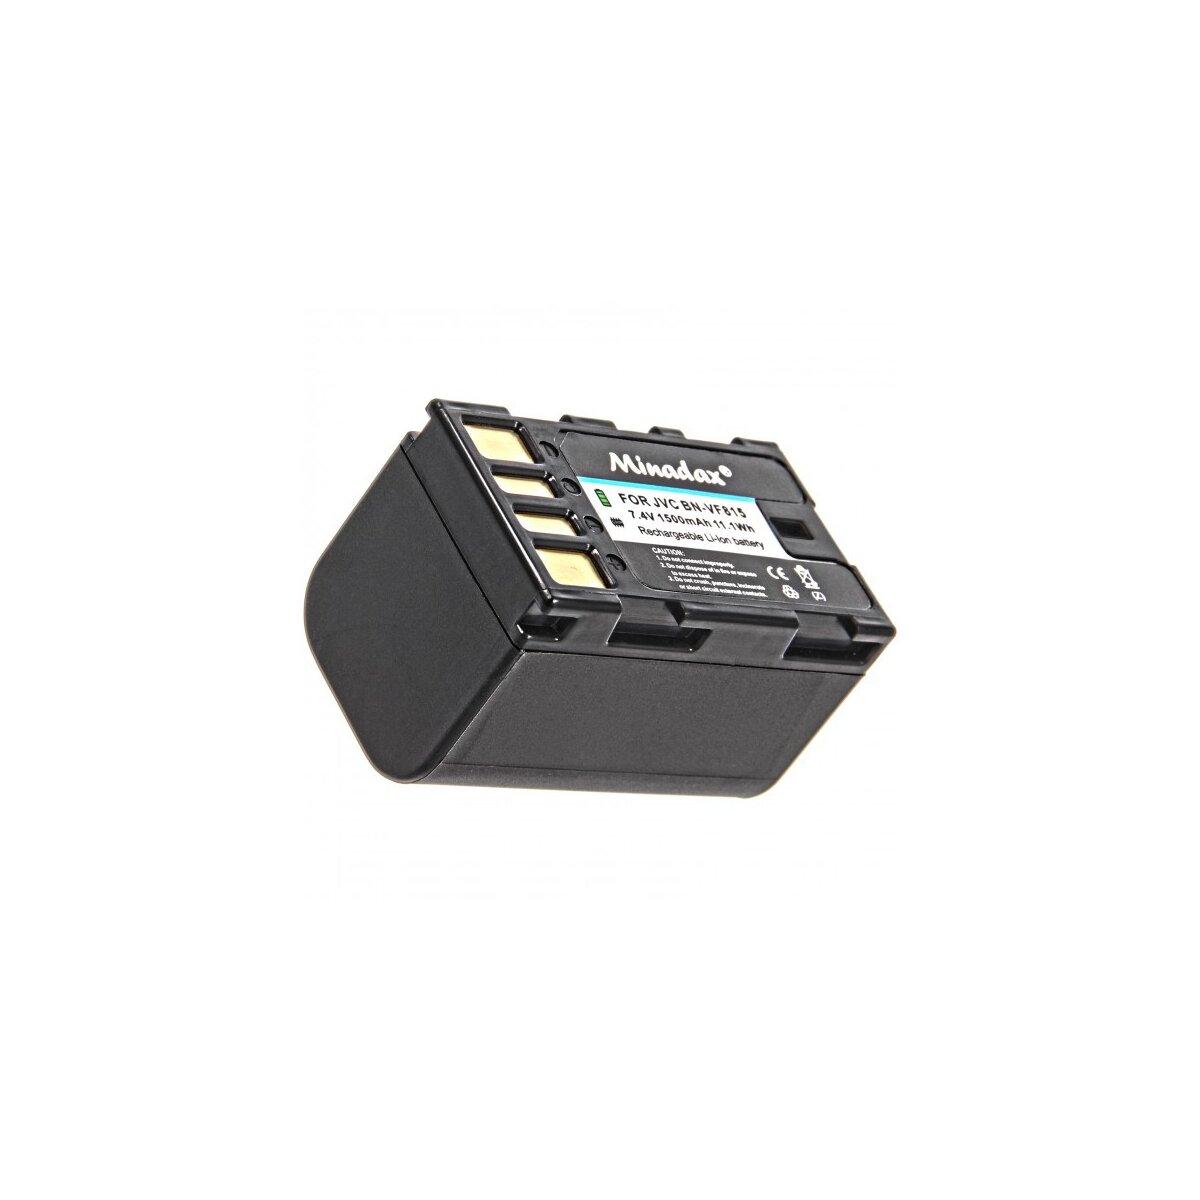 Minadax® Qualitaetsakku mit echten 1500 mAh fuer JVC GR D720 D720EX D725 D740 D740EX D745 D750 D760 D770 D770EX D771 D775 D790 D796 D815 D818 D825 D860, wie BN-VF815 - Intelligentes Akkusystem mit Chip